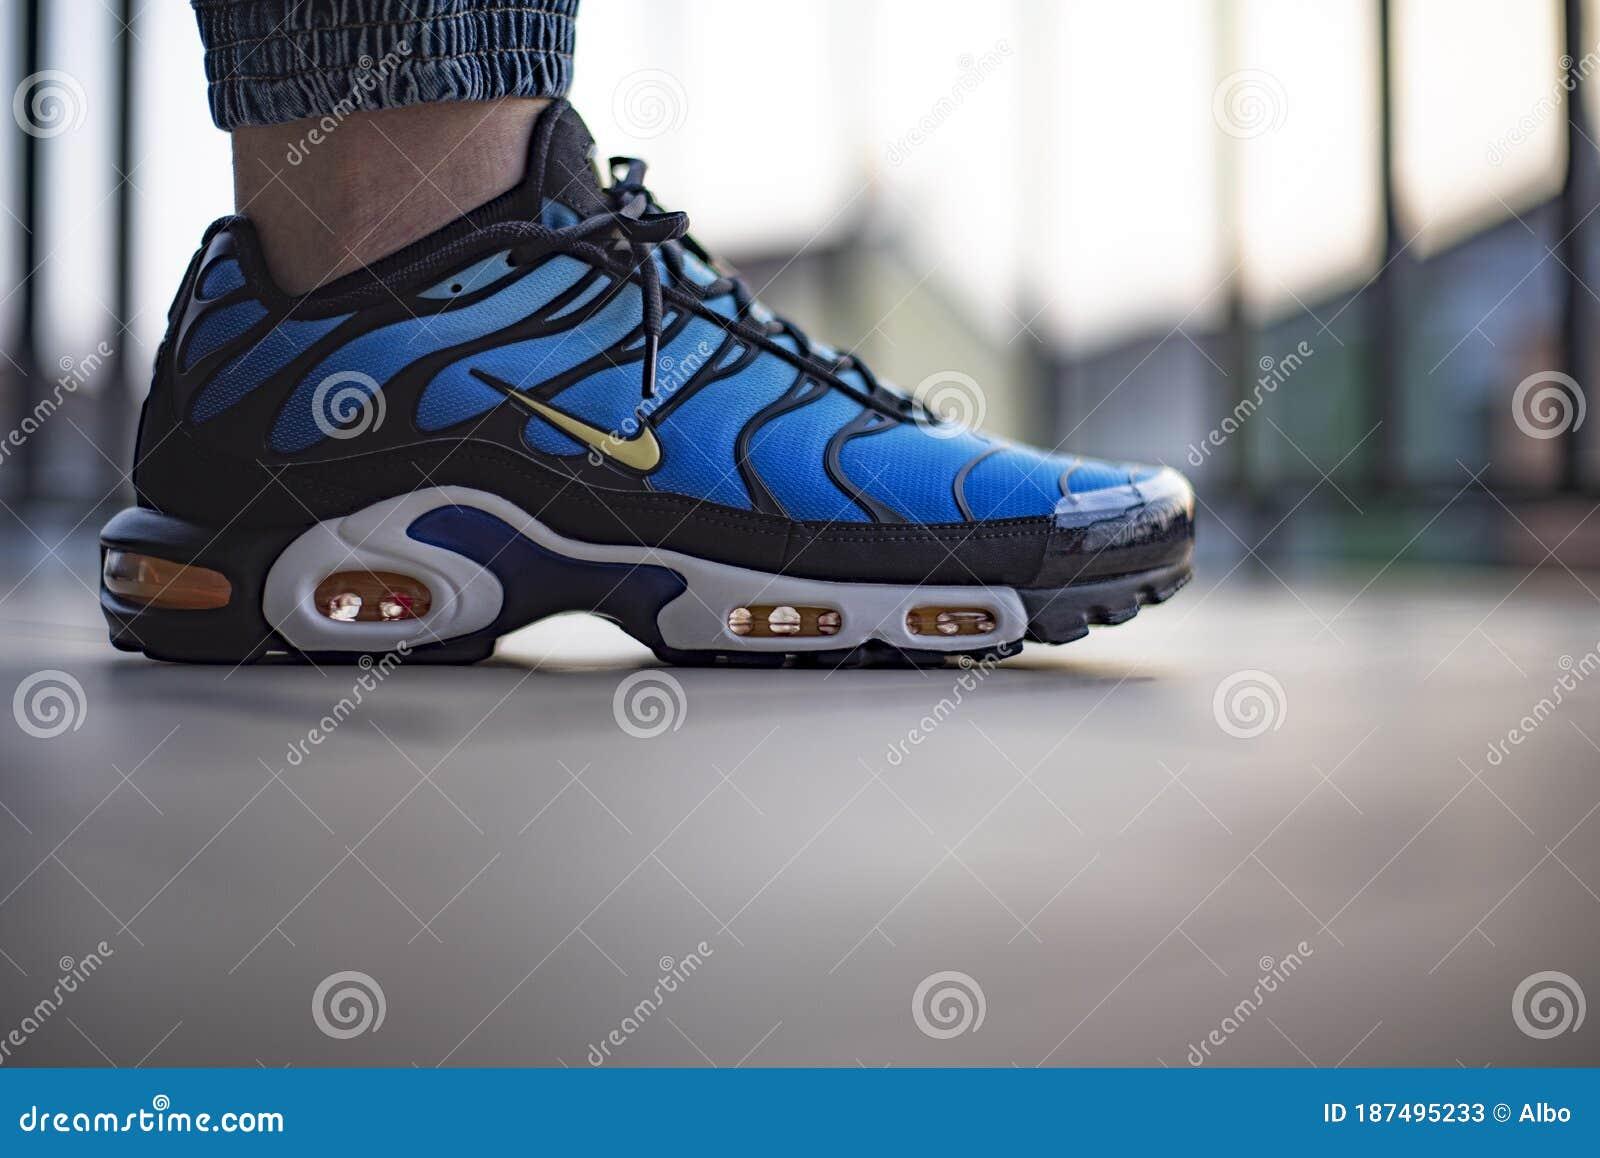 Nike Air Max Plus TN Hyperblue